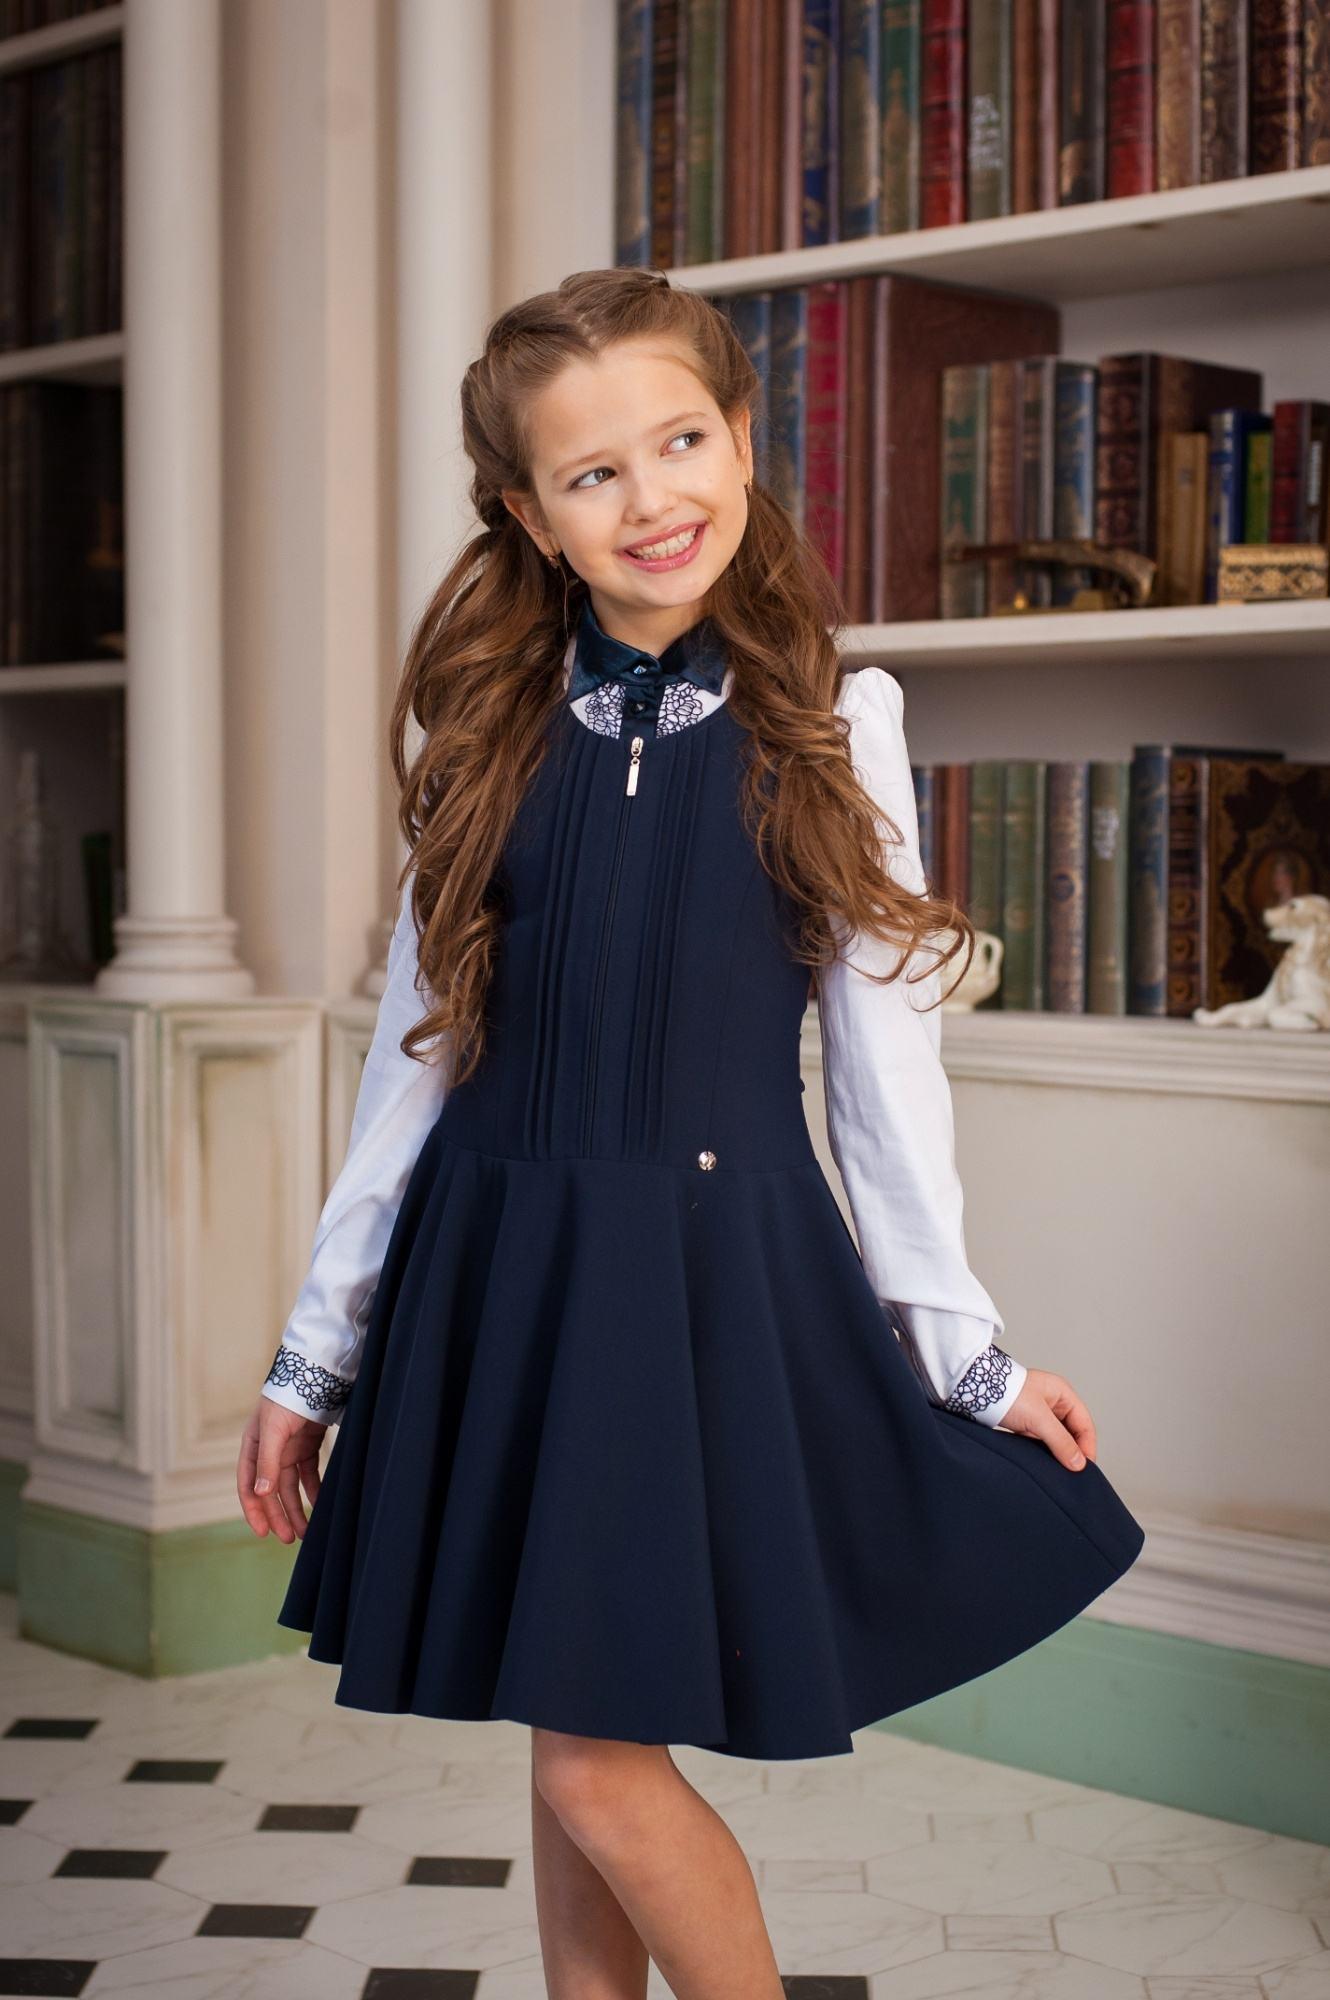 Школьная форма для девочек 2020-2021: модная одежда для начальных, средних и старших классов